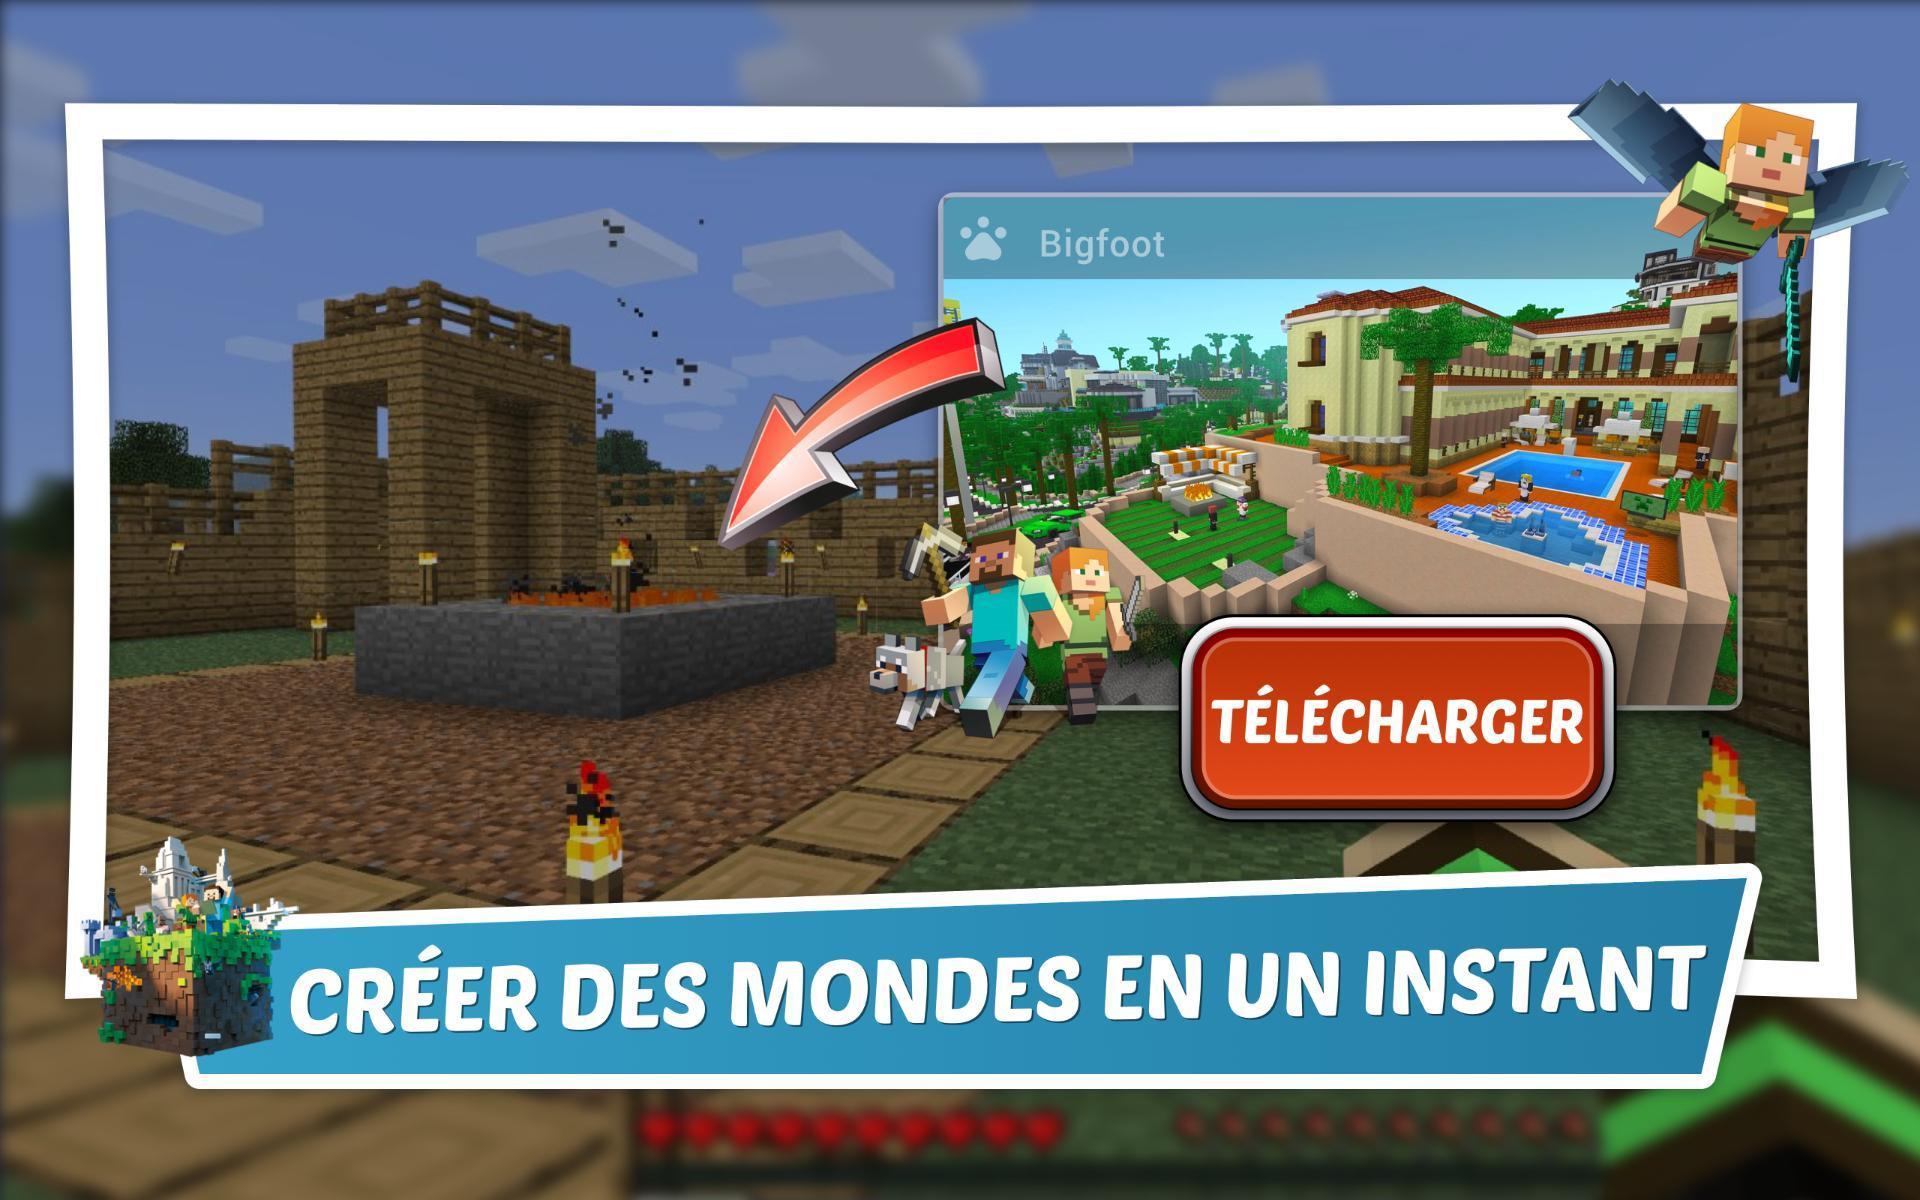 Bigfoot - Assistant De Jeu Pour De Nombreux Jeux Pour destiné Jeux Facile A Telecharger